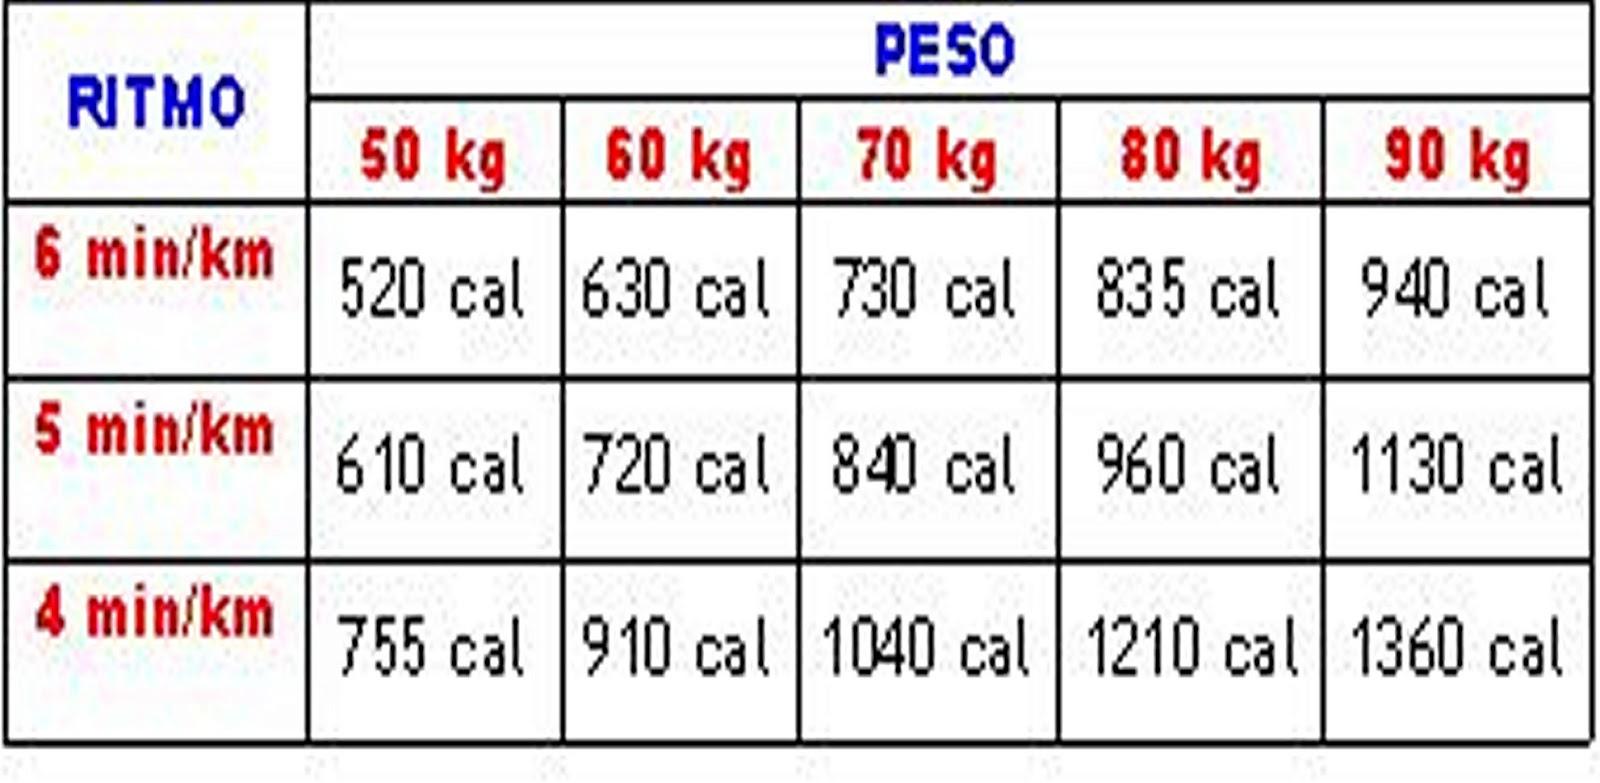 perder peso en casa 10 kilos en 8 semanas